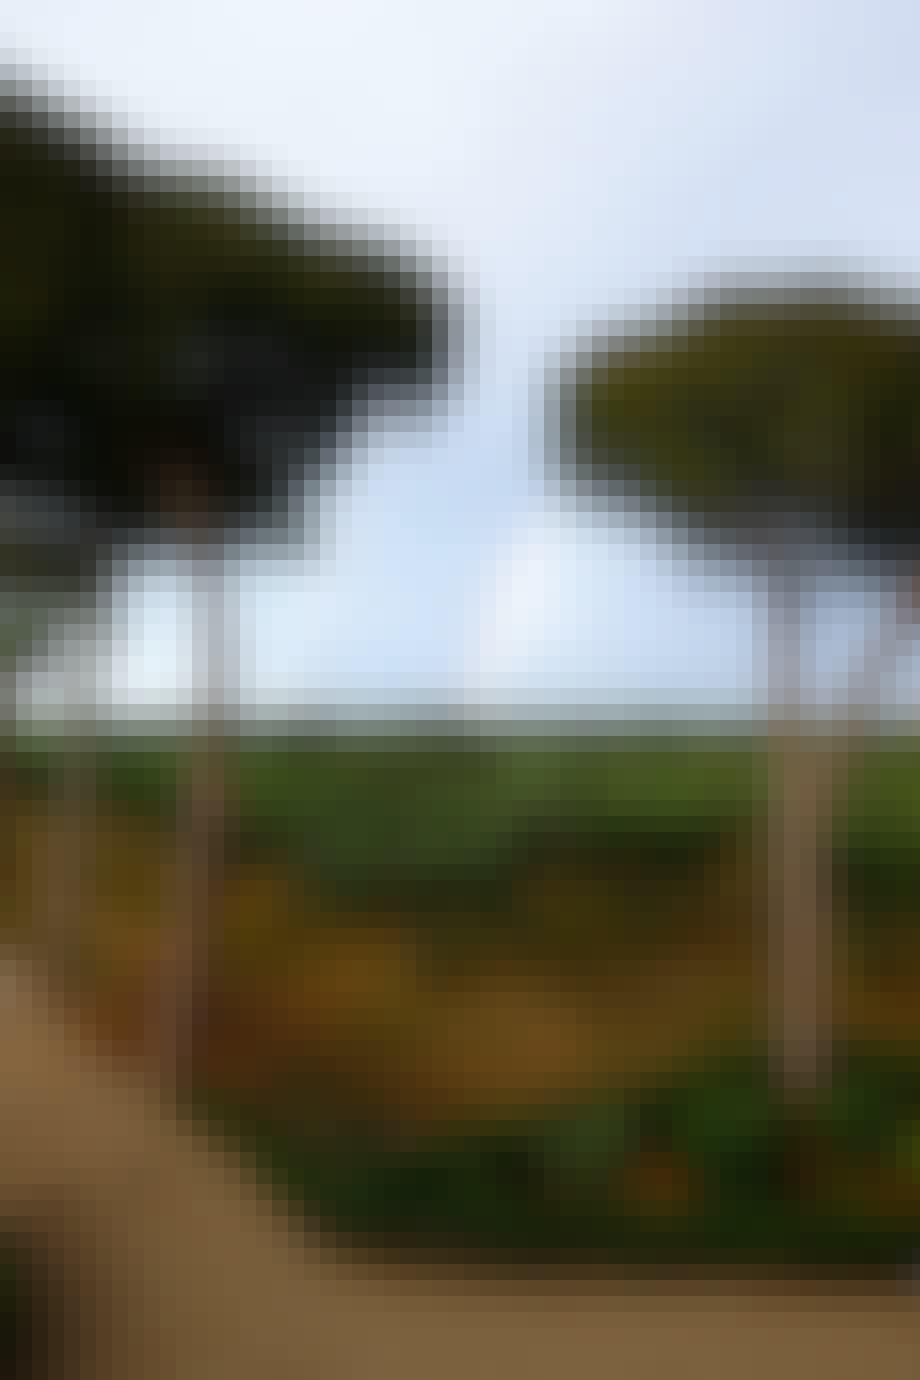 italienske landskab med oliventræer